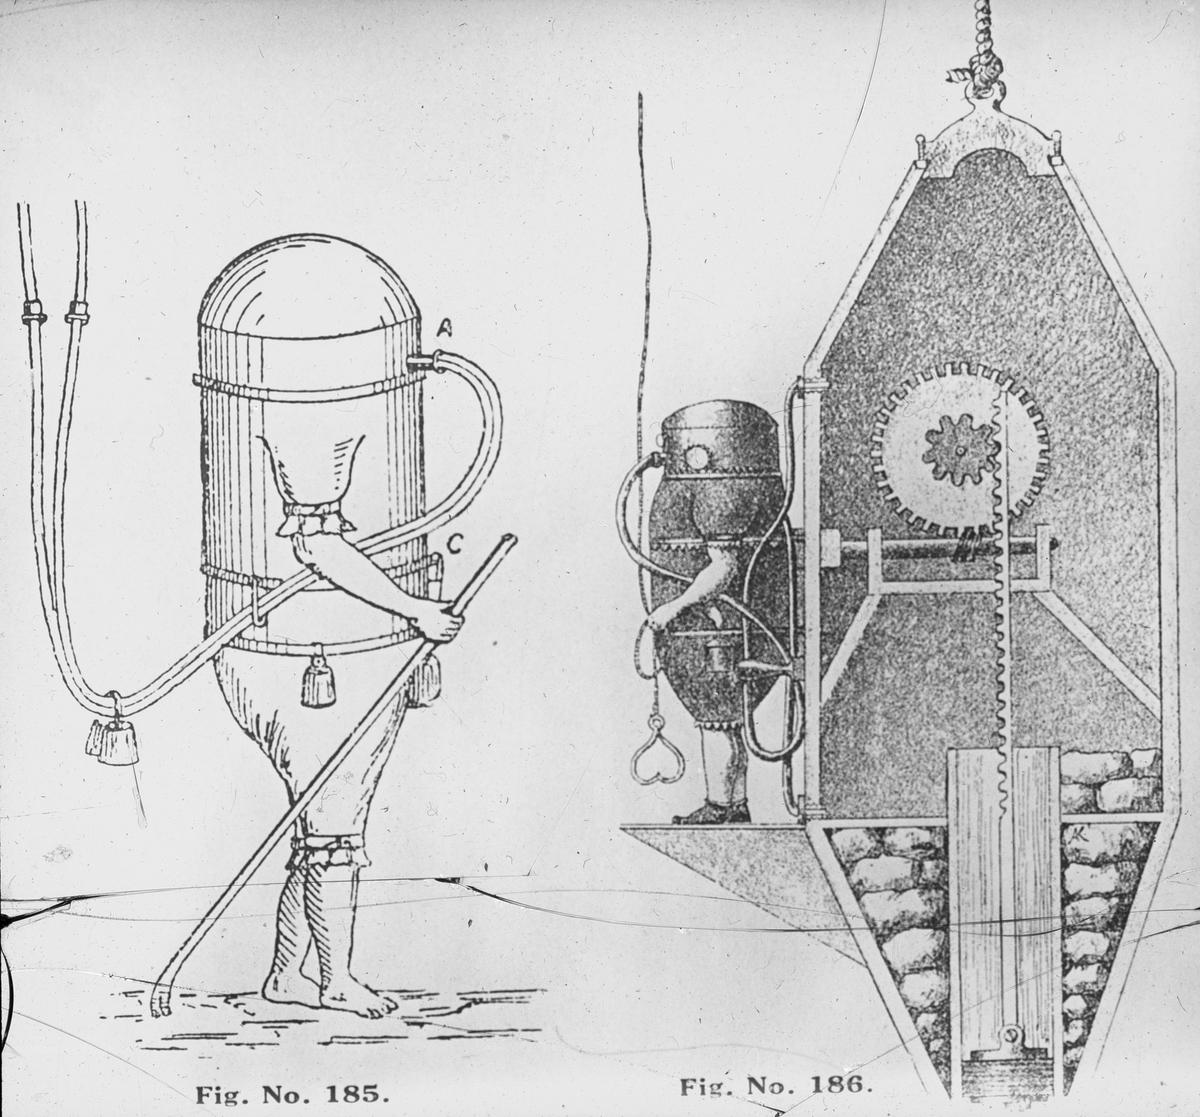 Avfotografert trykk som viser tegning av dykker og dykkerklokke, ant. 1700-1800-tallet.